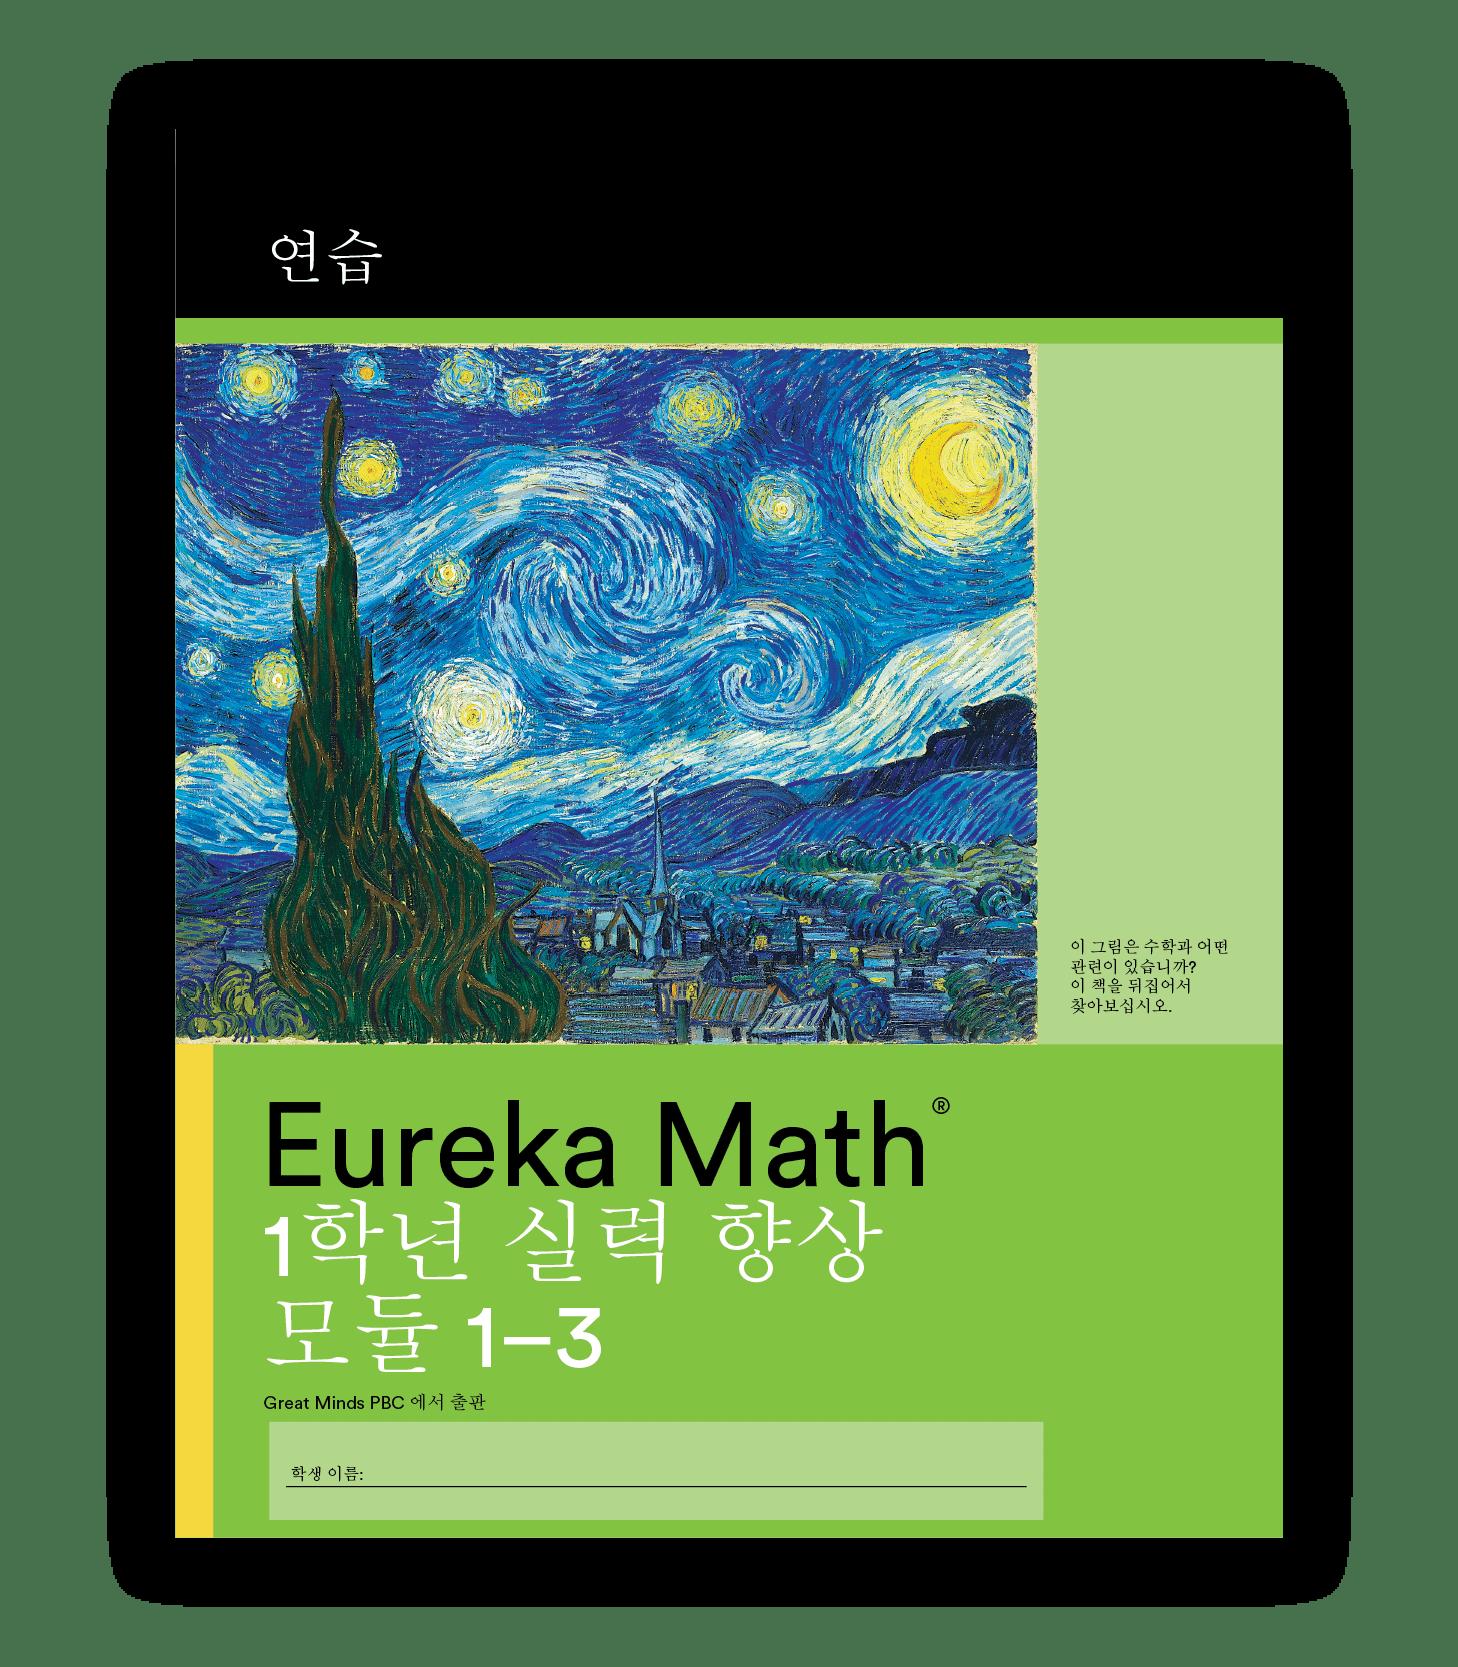 Eureka Math Practice Book in Korean for Grade 1